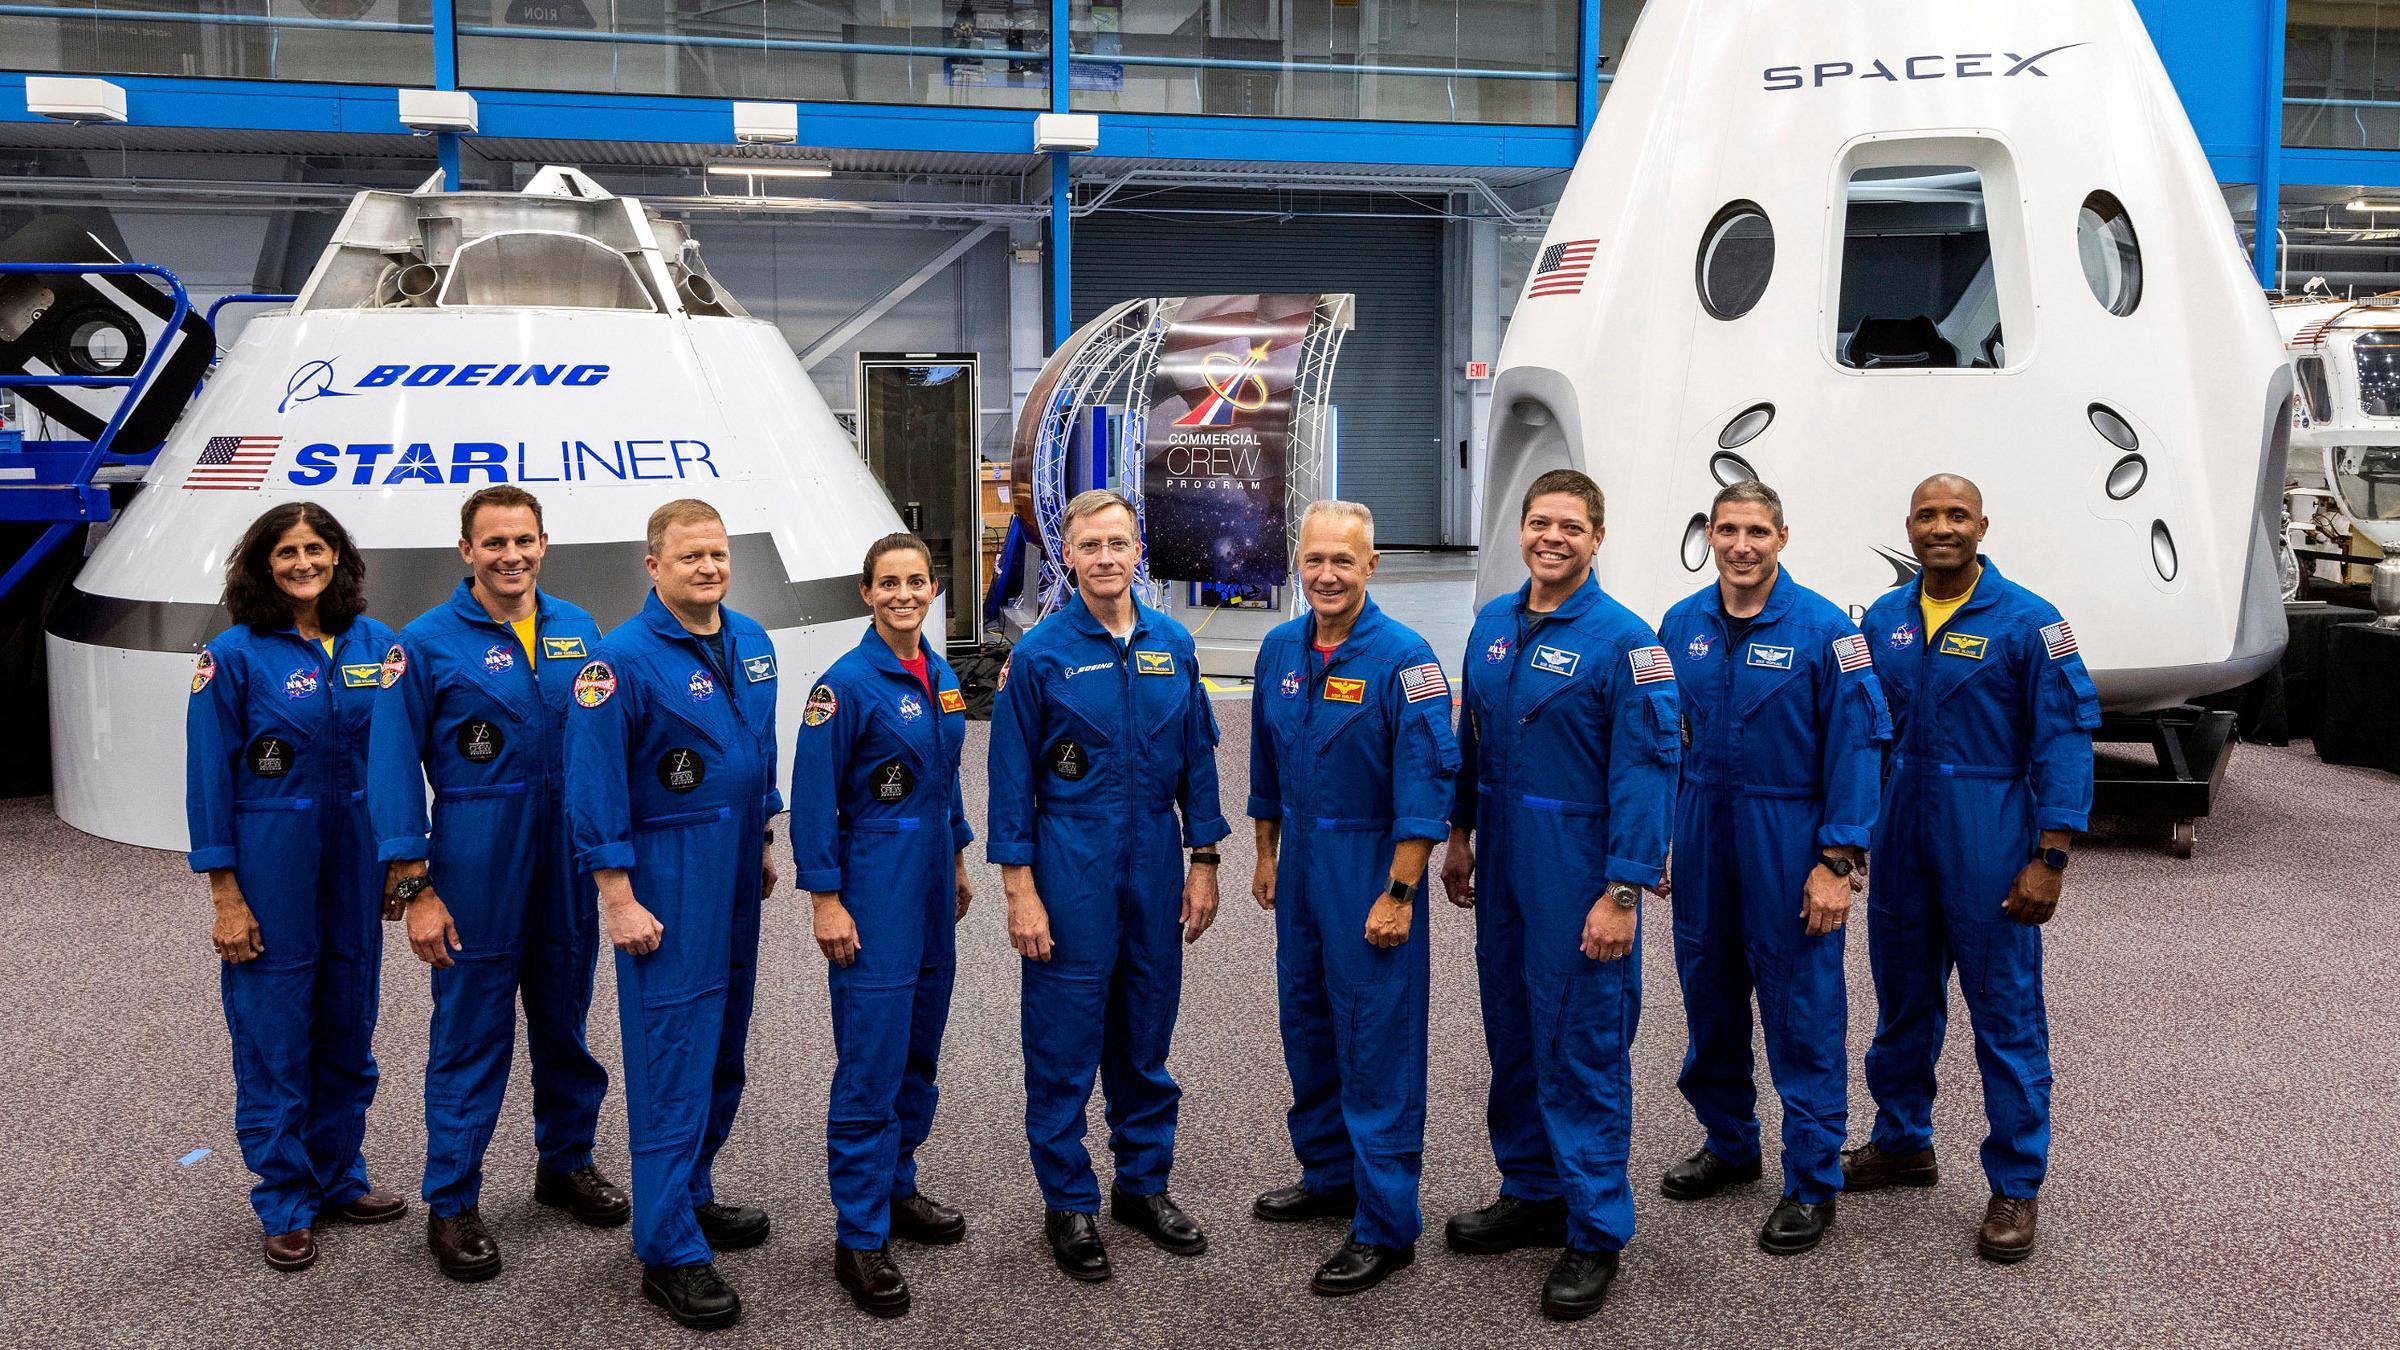 Estos 9 astronautas volarán los primeros vuelos en las naves espaciales de SpaceX y Boeing